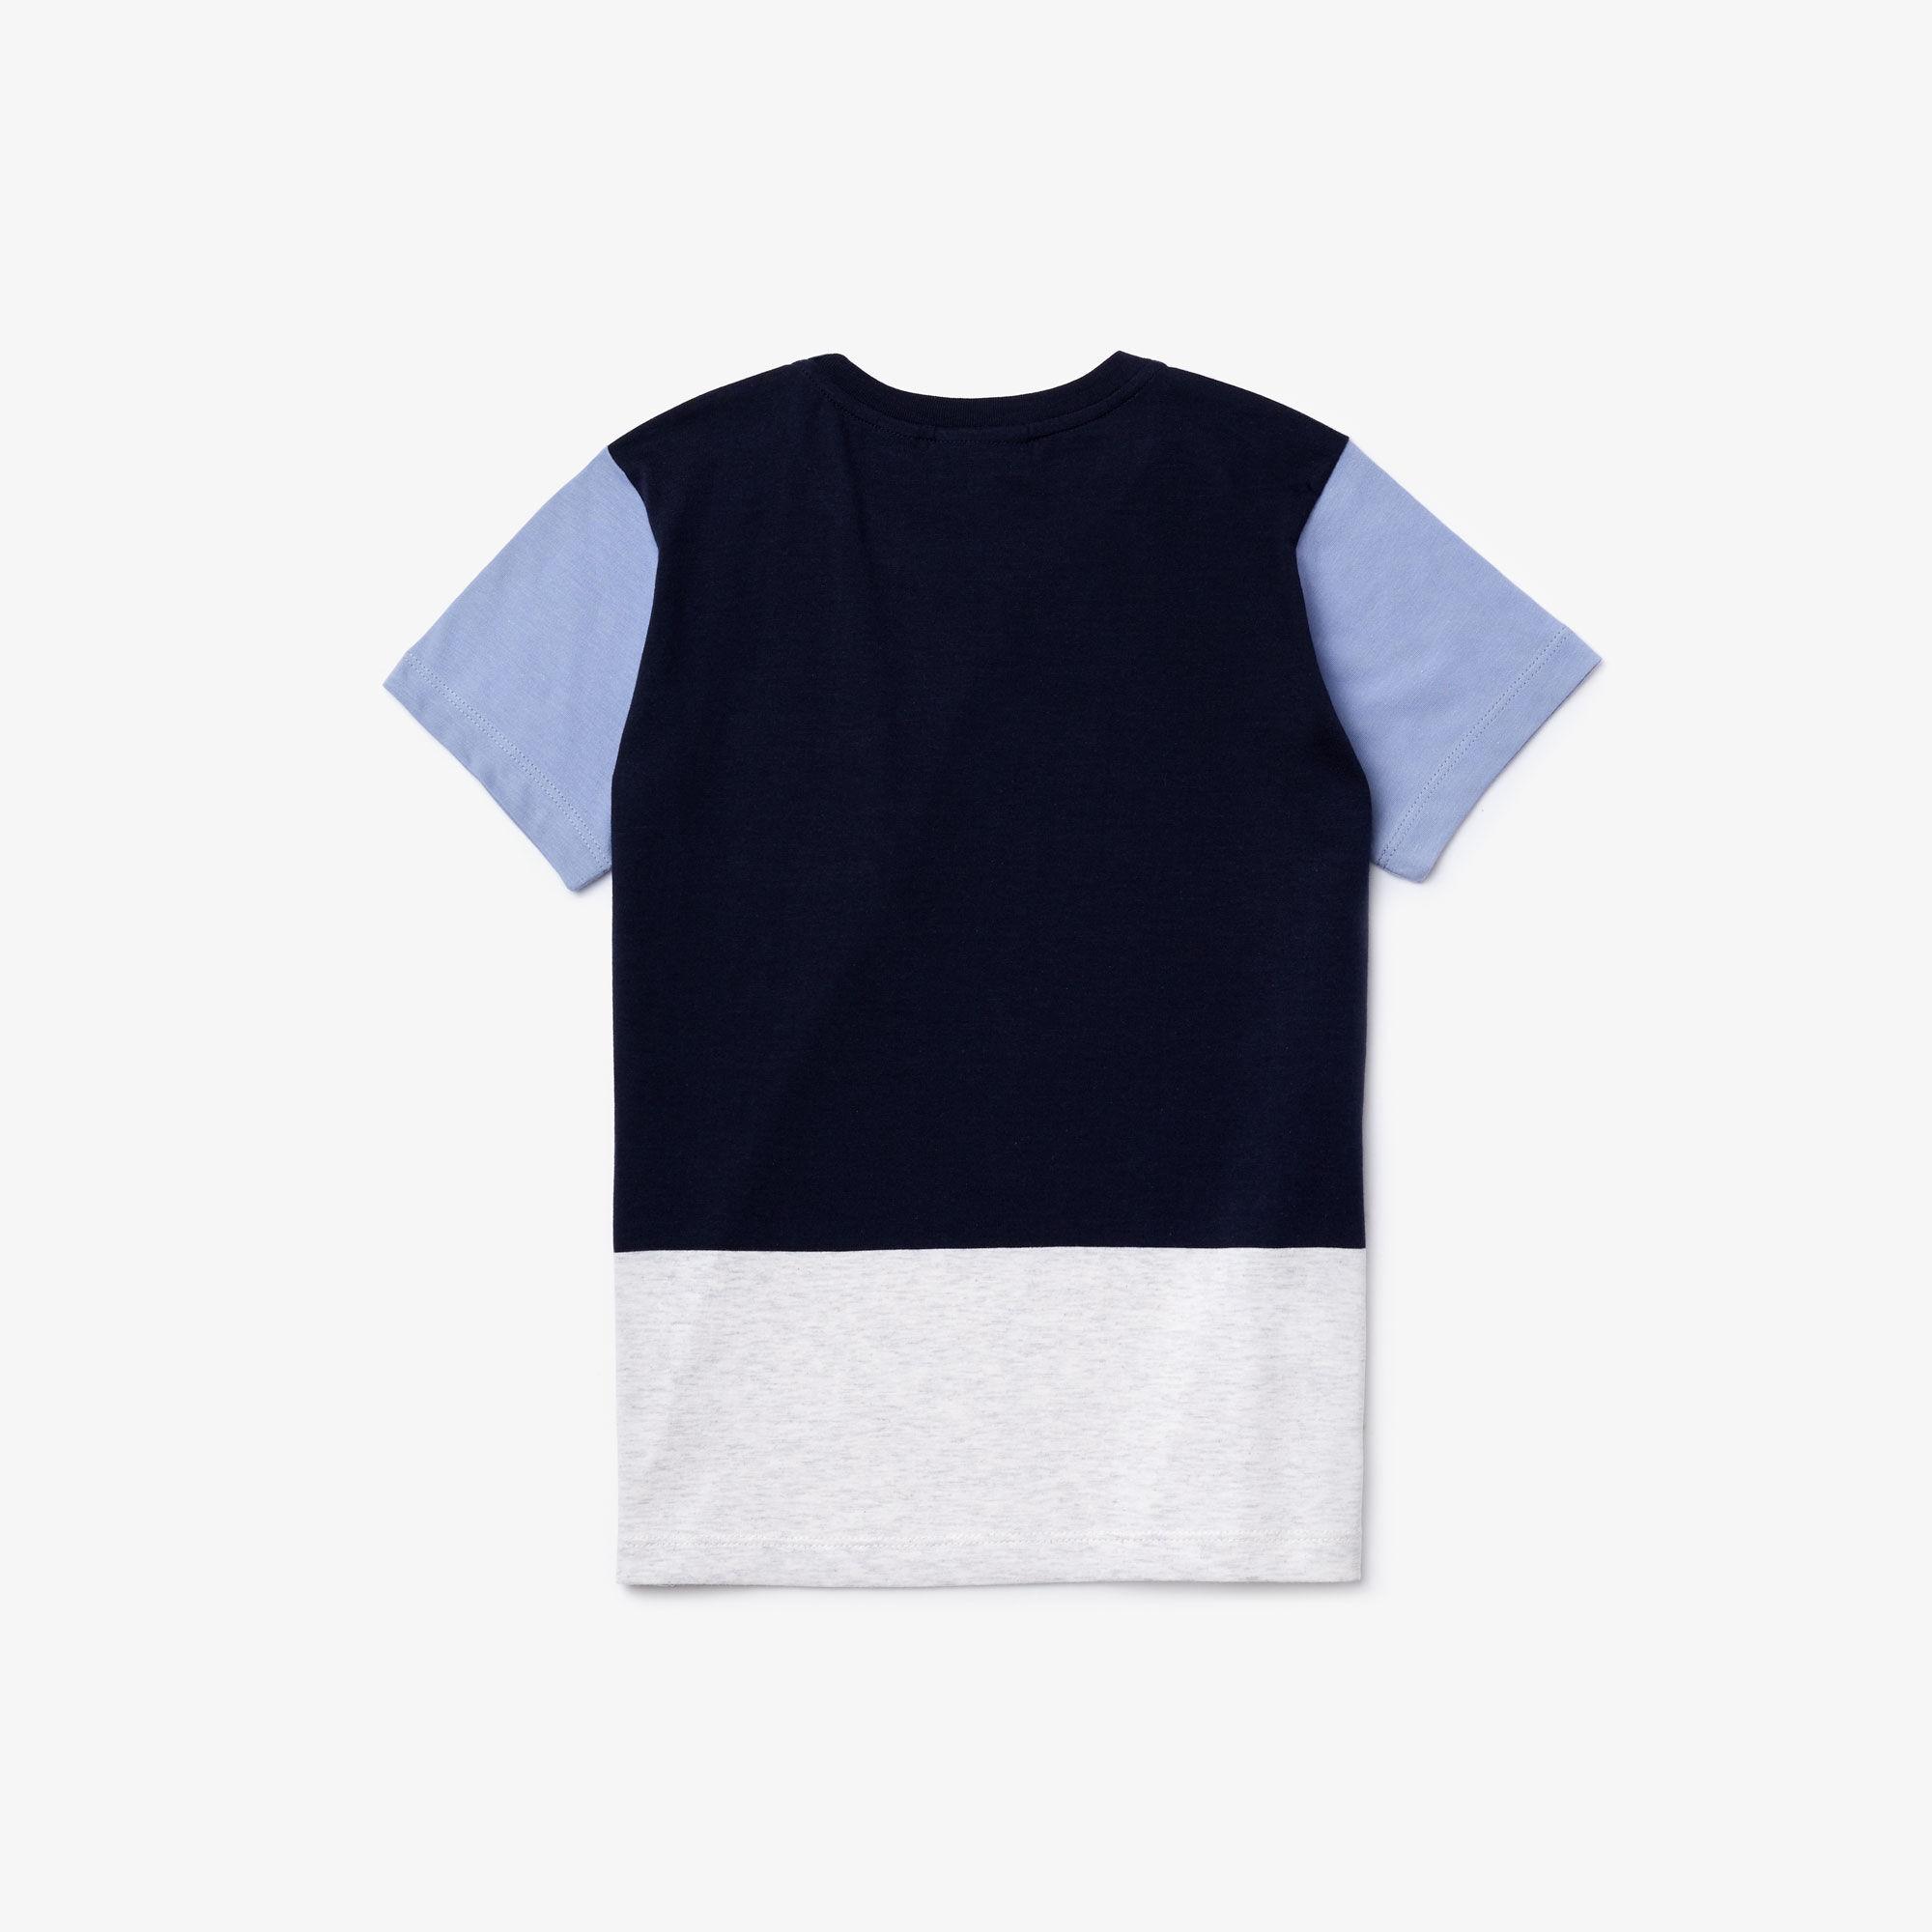 قميص تي شيرت للصبيان من القطن بألوان متعددة